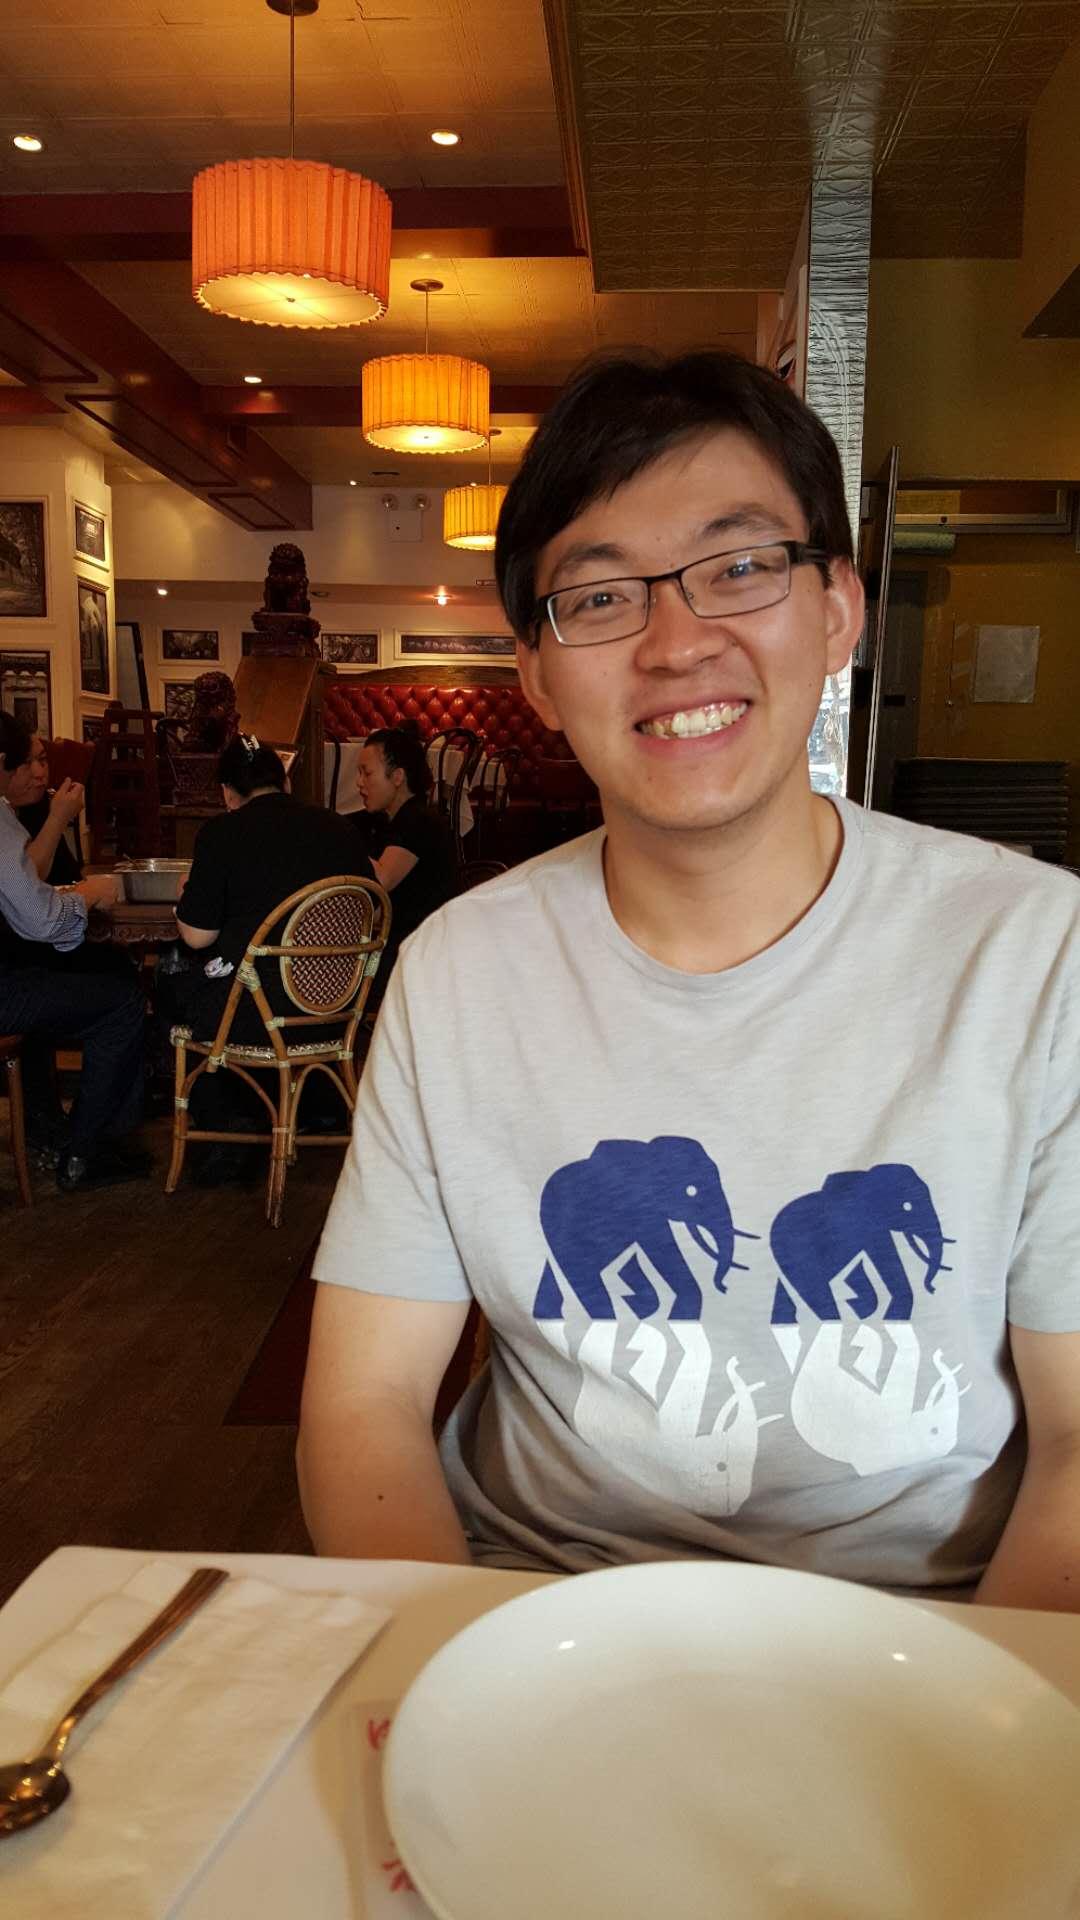 中國留學生李翔為了H-1B,苦熬多時終於等到H-1B。(圖:李翔提供)